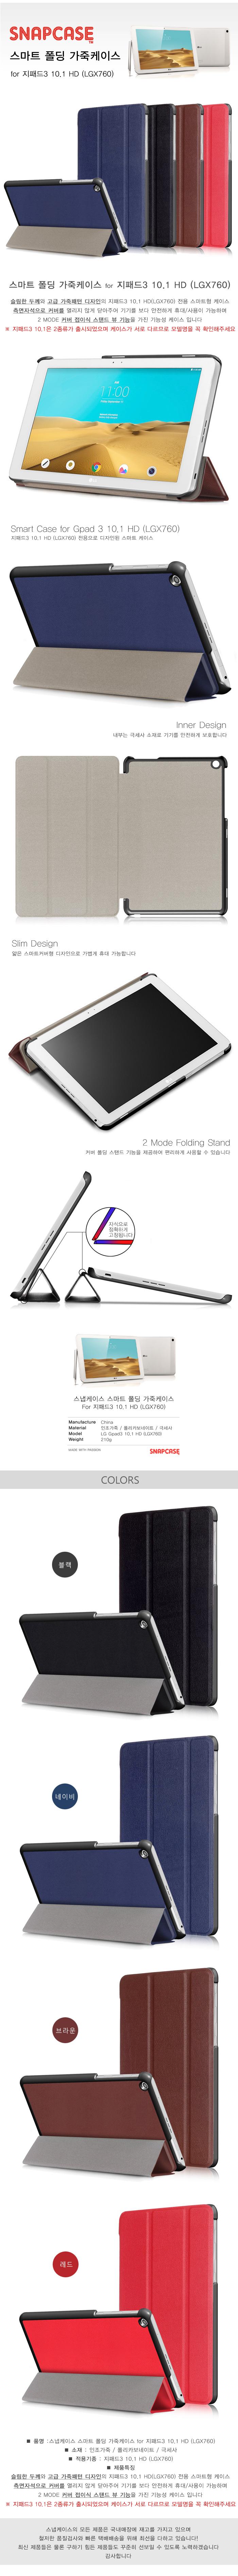 스냅케이스 지패드3 10.1 HD LGX760 스마트가죽케이스 - 스냅케이스, 13,900원, 케이스, 기타 옵티머스 제품